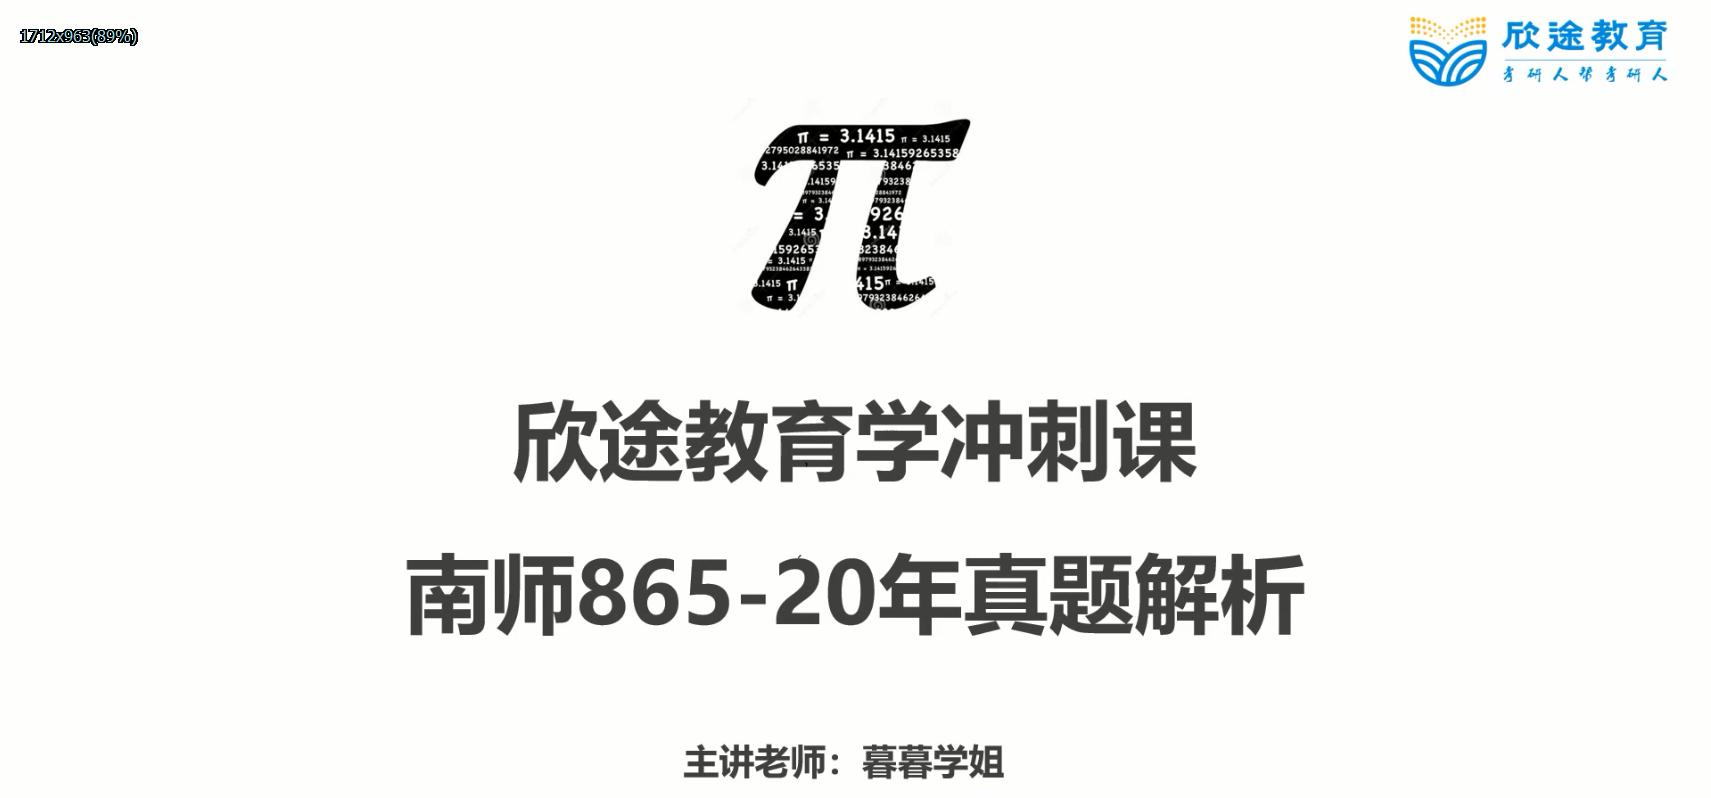 【2021教育学考研】南京师范大学(学科数学)冲刺真题解析试听课